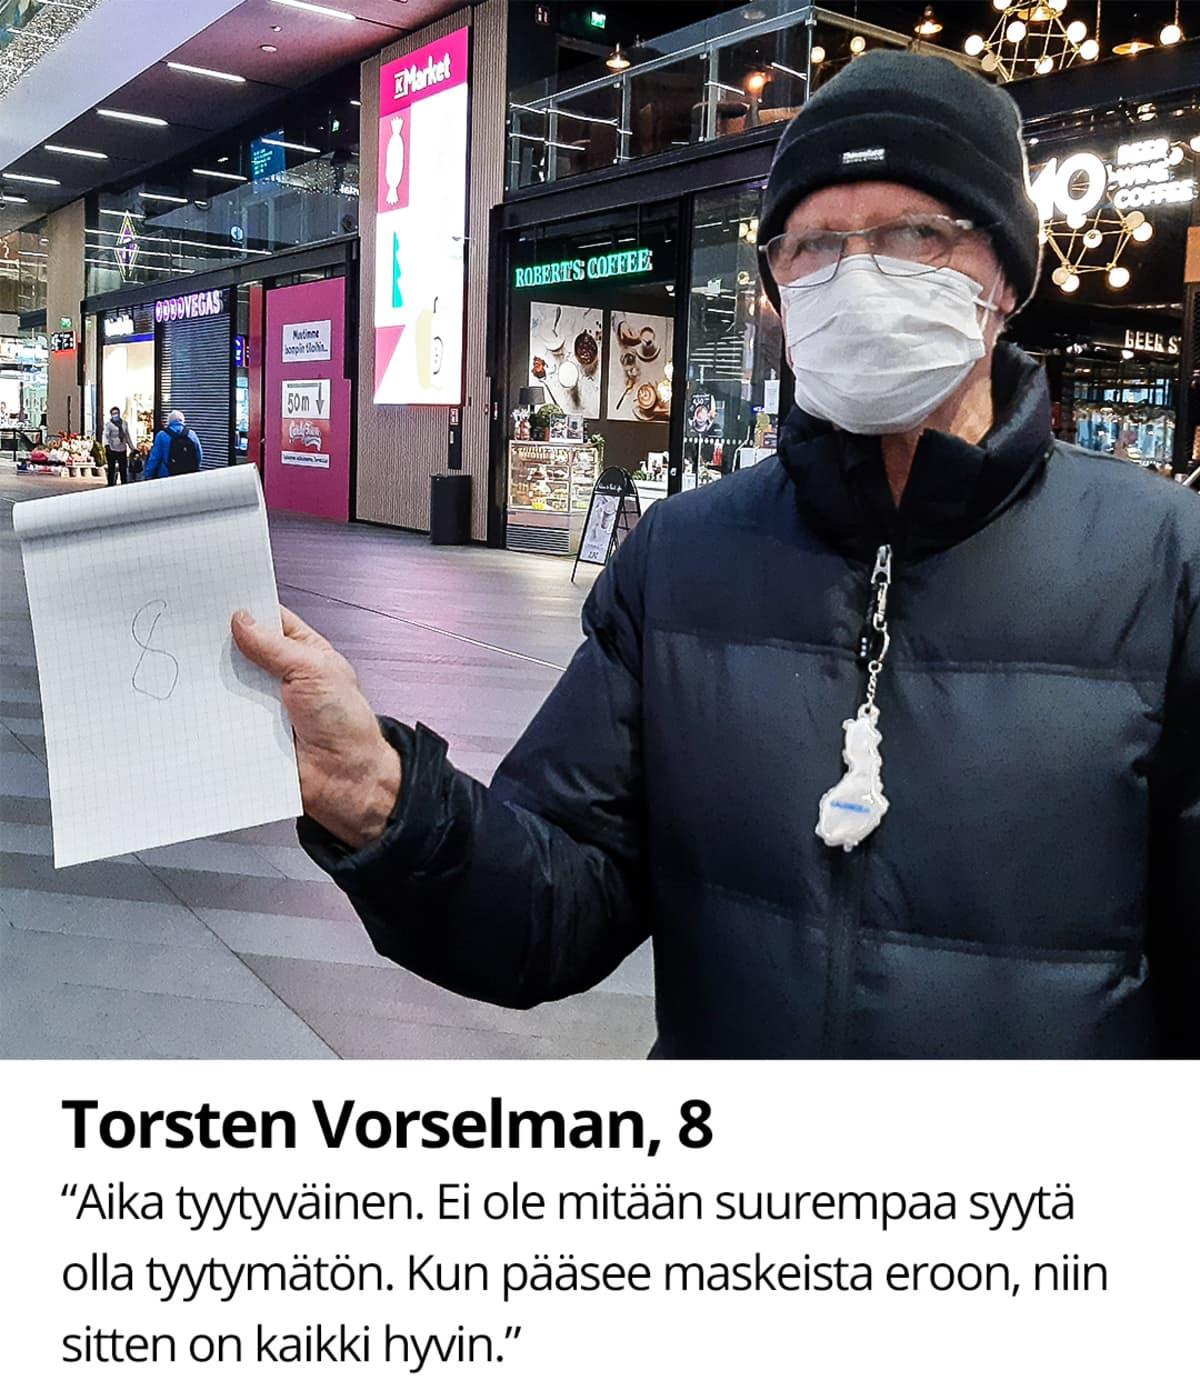 Torsten Volselman, 8